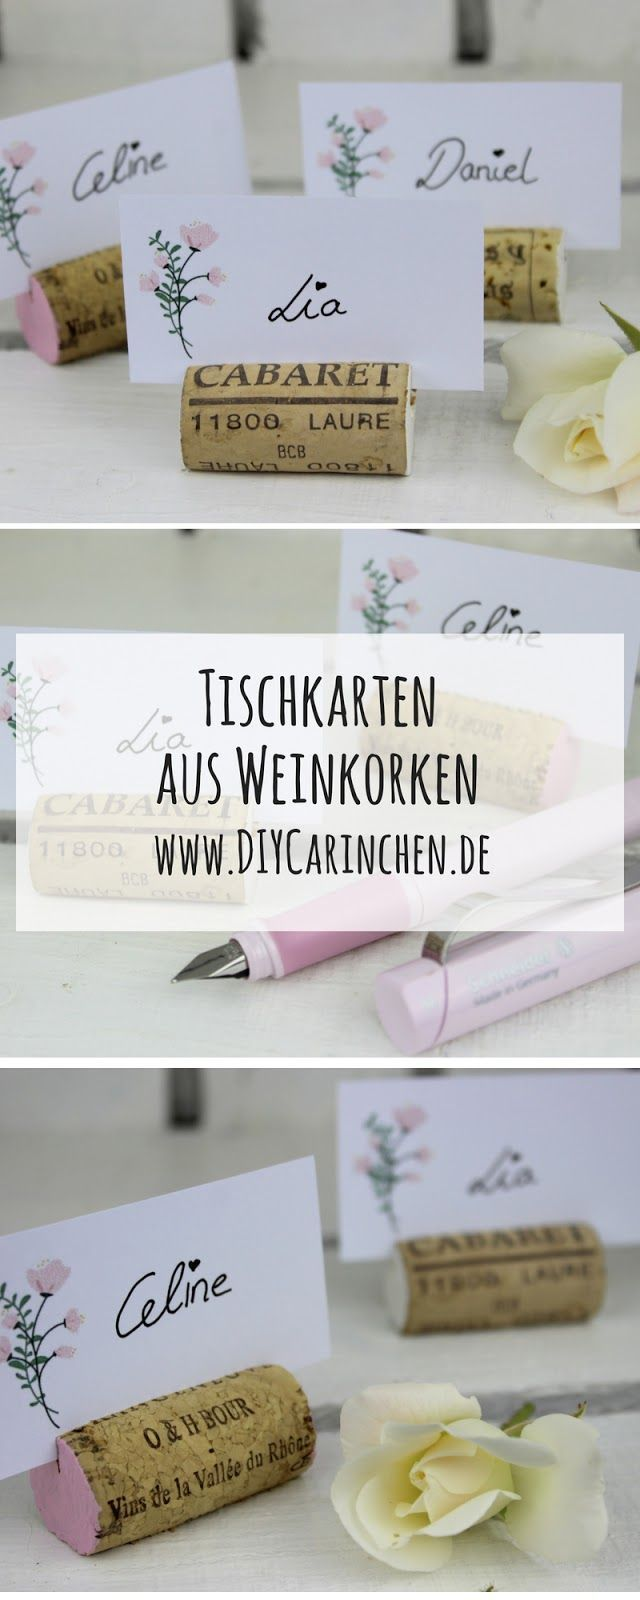 DIY Tischkarten aus Weinkorken einfach selbermachen mit dem - Hochzeit #diyundselbermachen